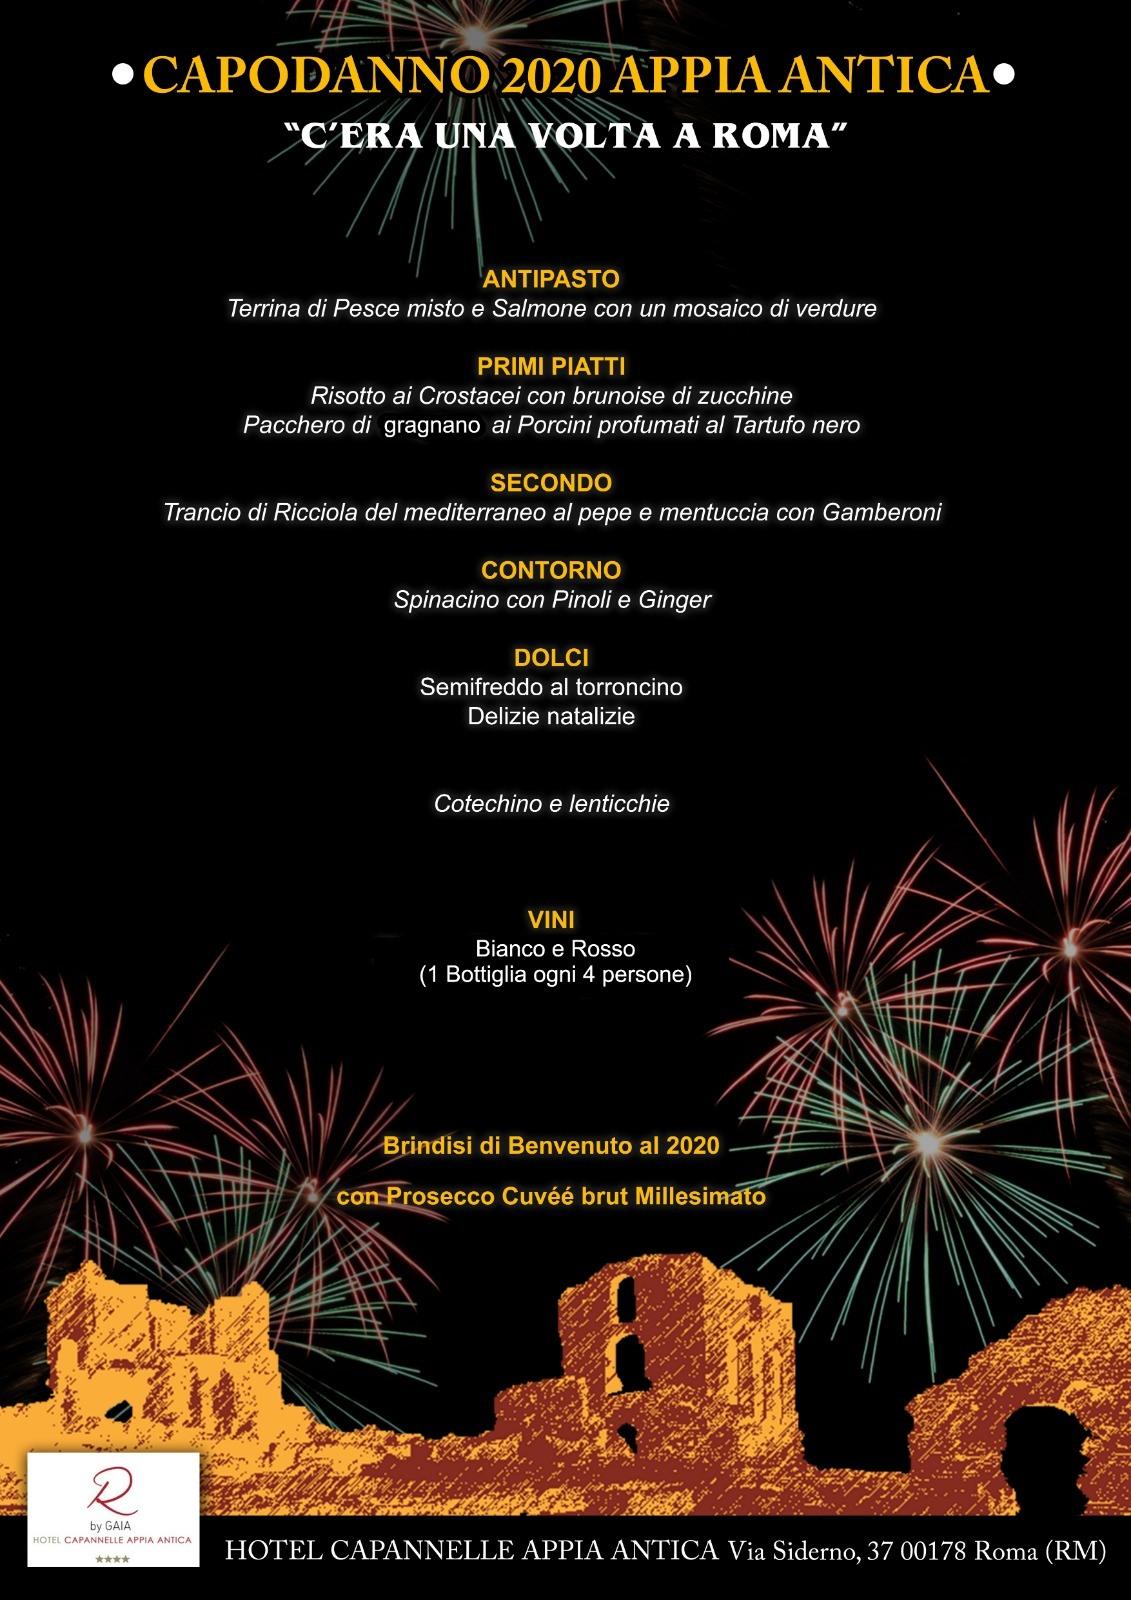 Capodanno Villa Appia Antica: Cena e discoteca C'era una volta a ROMA